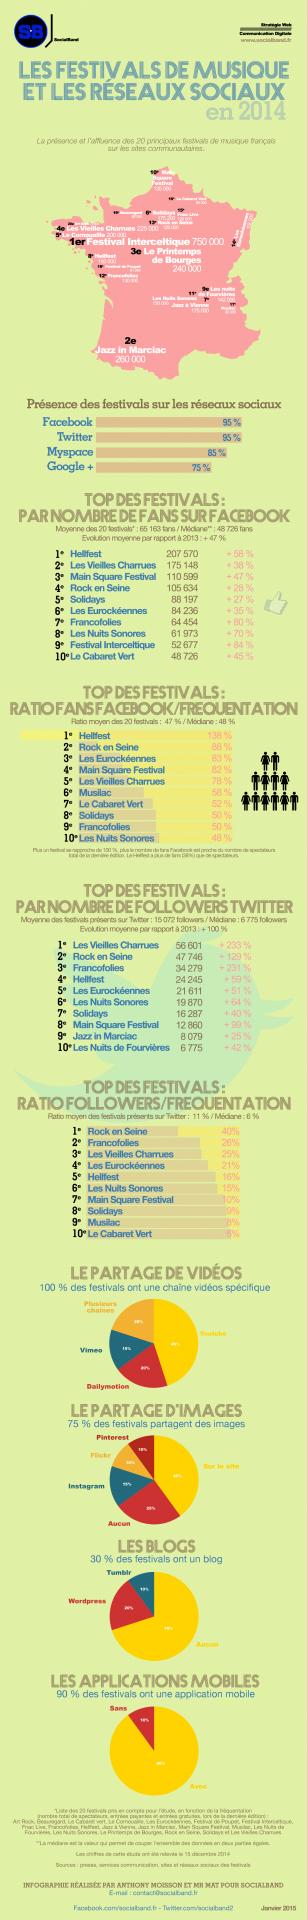 infographie_festivals_et_reseaux_sociaux_en20141